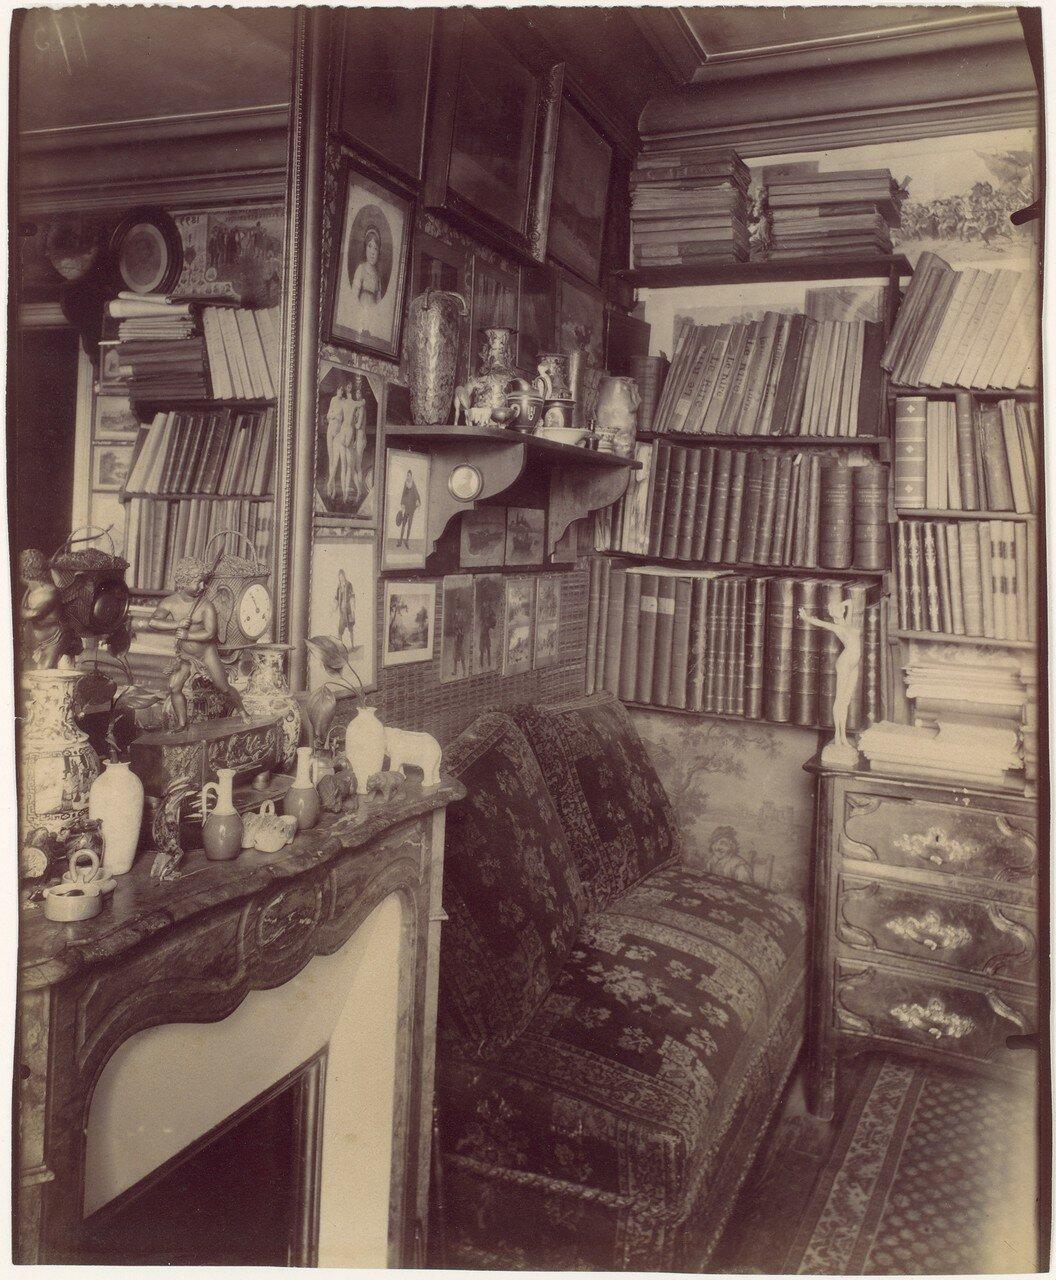 1910. Интерьер комнаты в доме по улице Вожирар